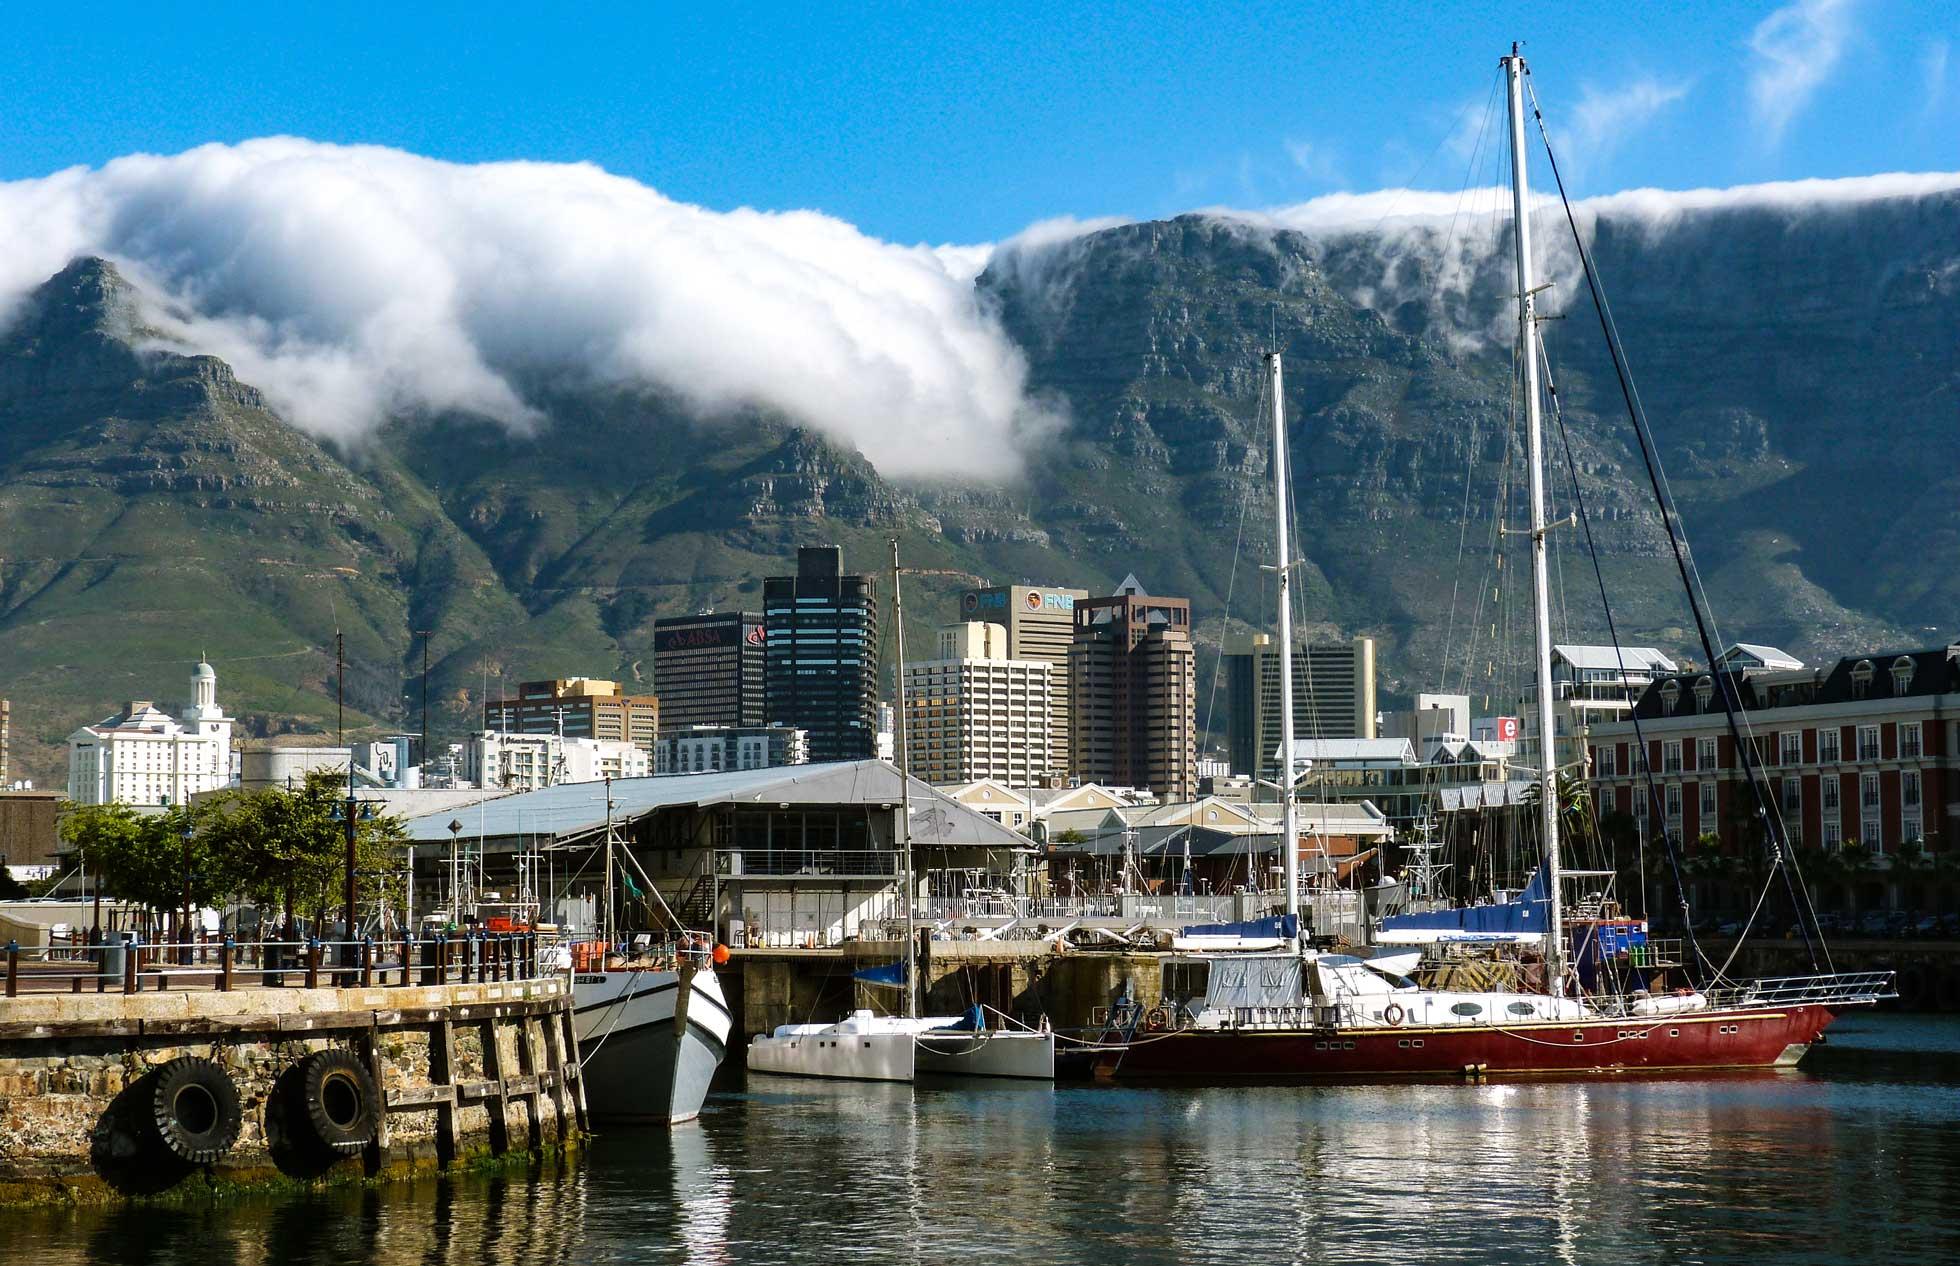 Dagsutflykt under konferensresa till Kapstaden Sydafrika